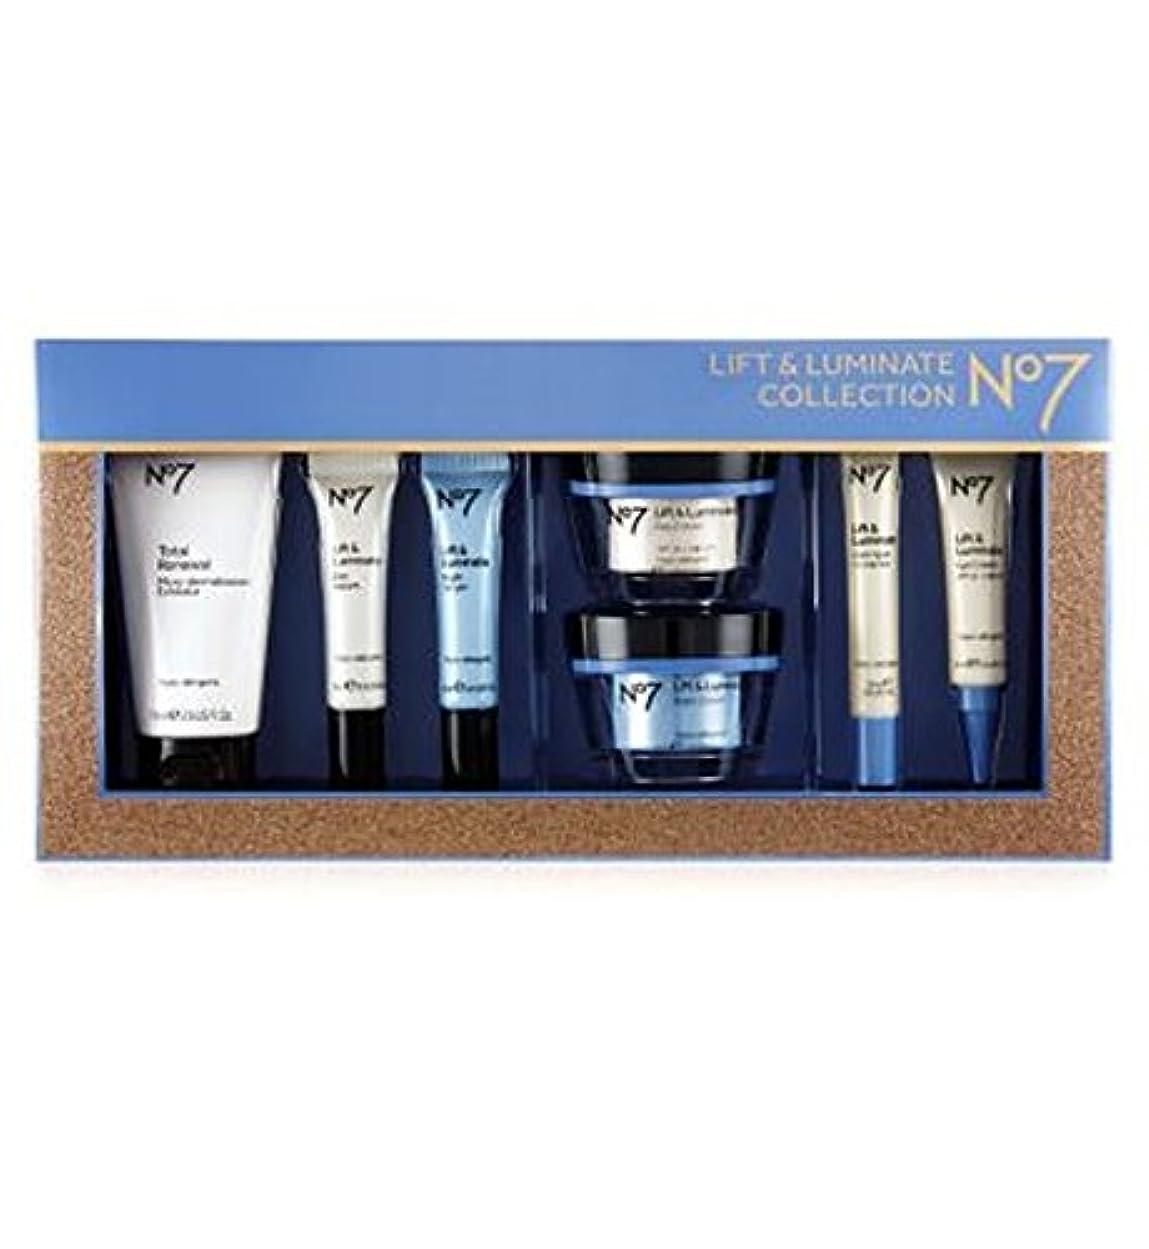 エスカレート多様なドルNo7 Lift & Luminate Collection - No7リフト&Luminateコレクション (No7) [並行輸入品]